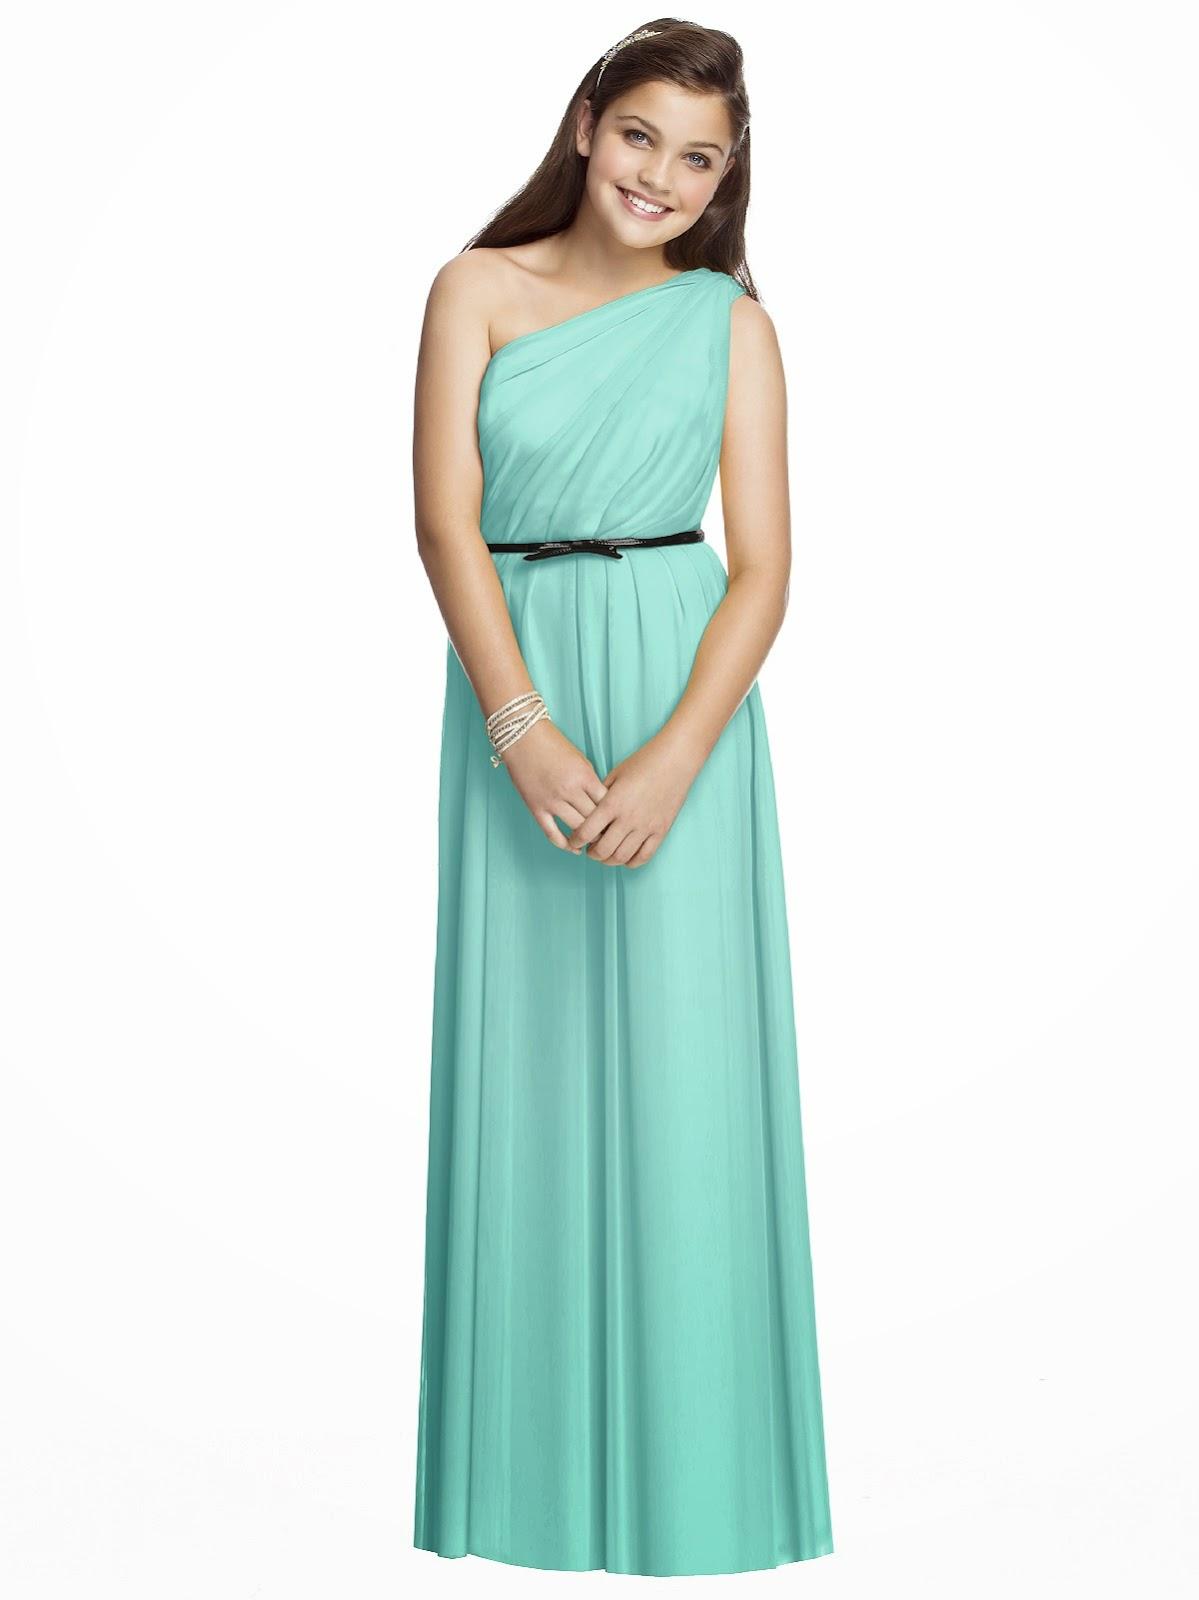 Junior Bridesmaid Dress for Juniors